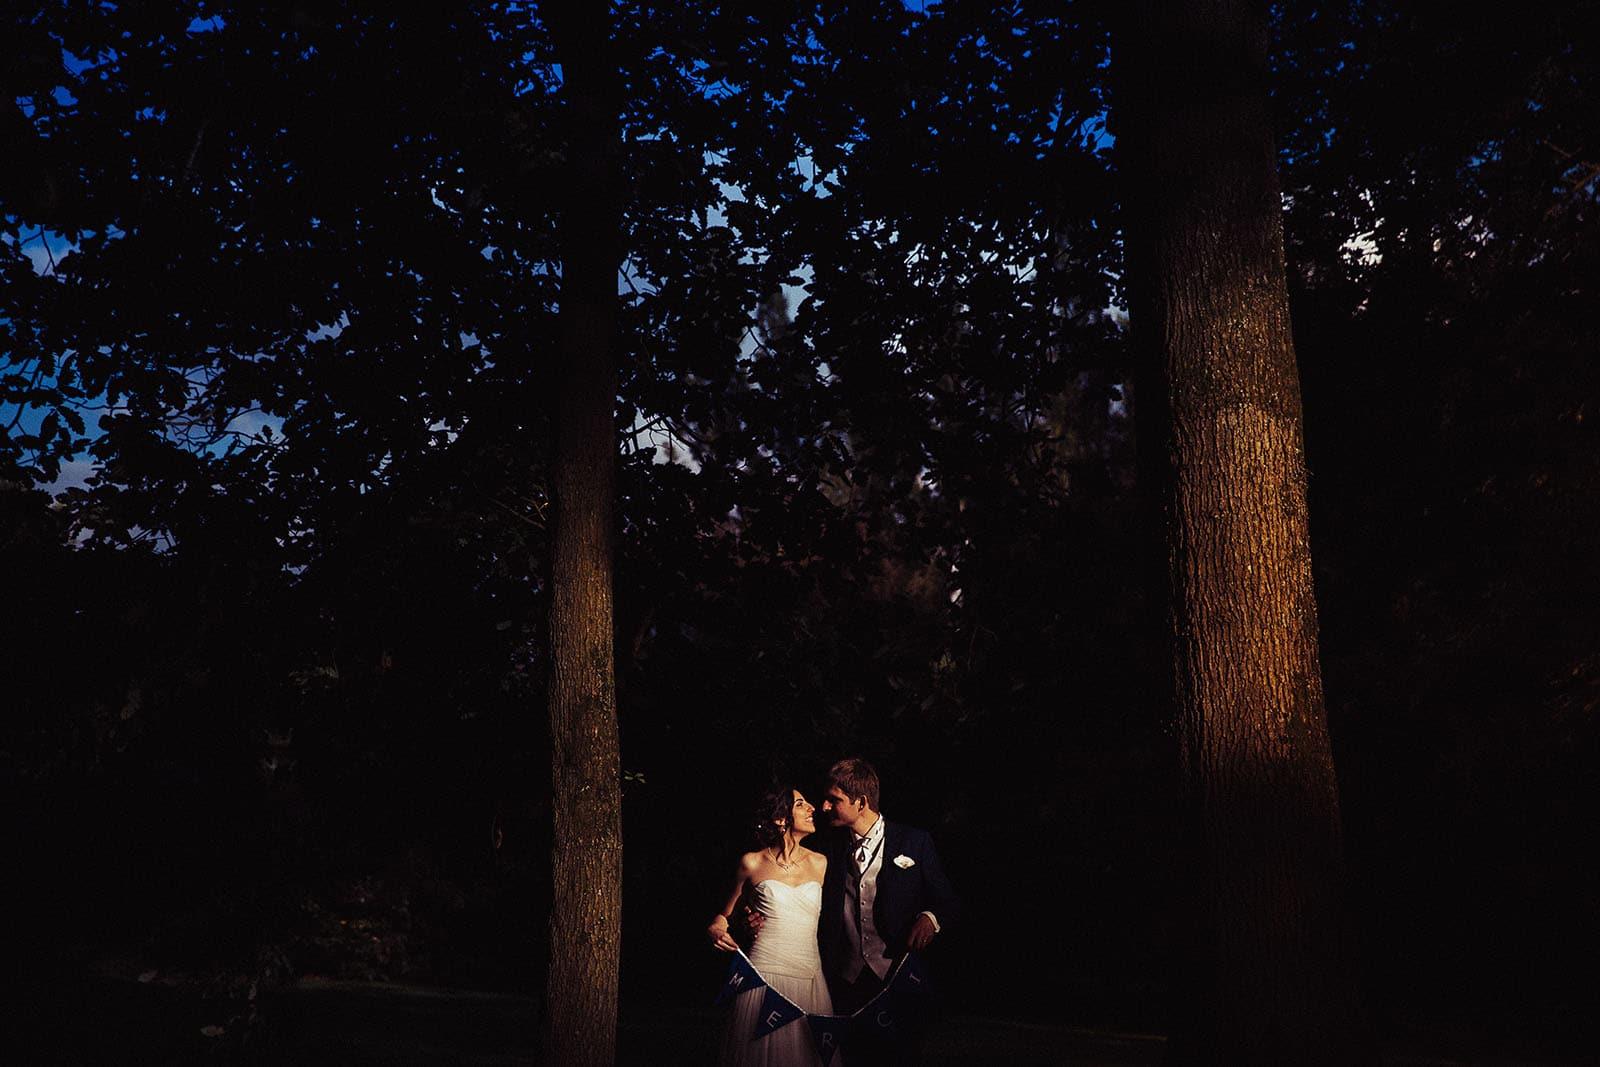 photographe de mariage Normandie cérémonie laique joie emotion bonheur piano belle photos mariés